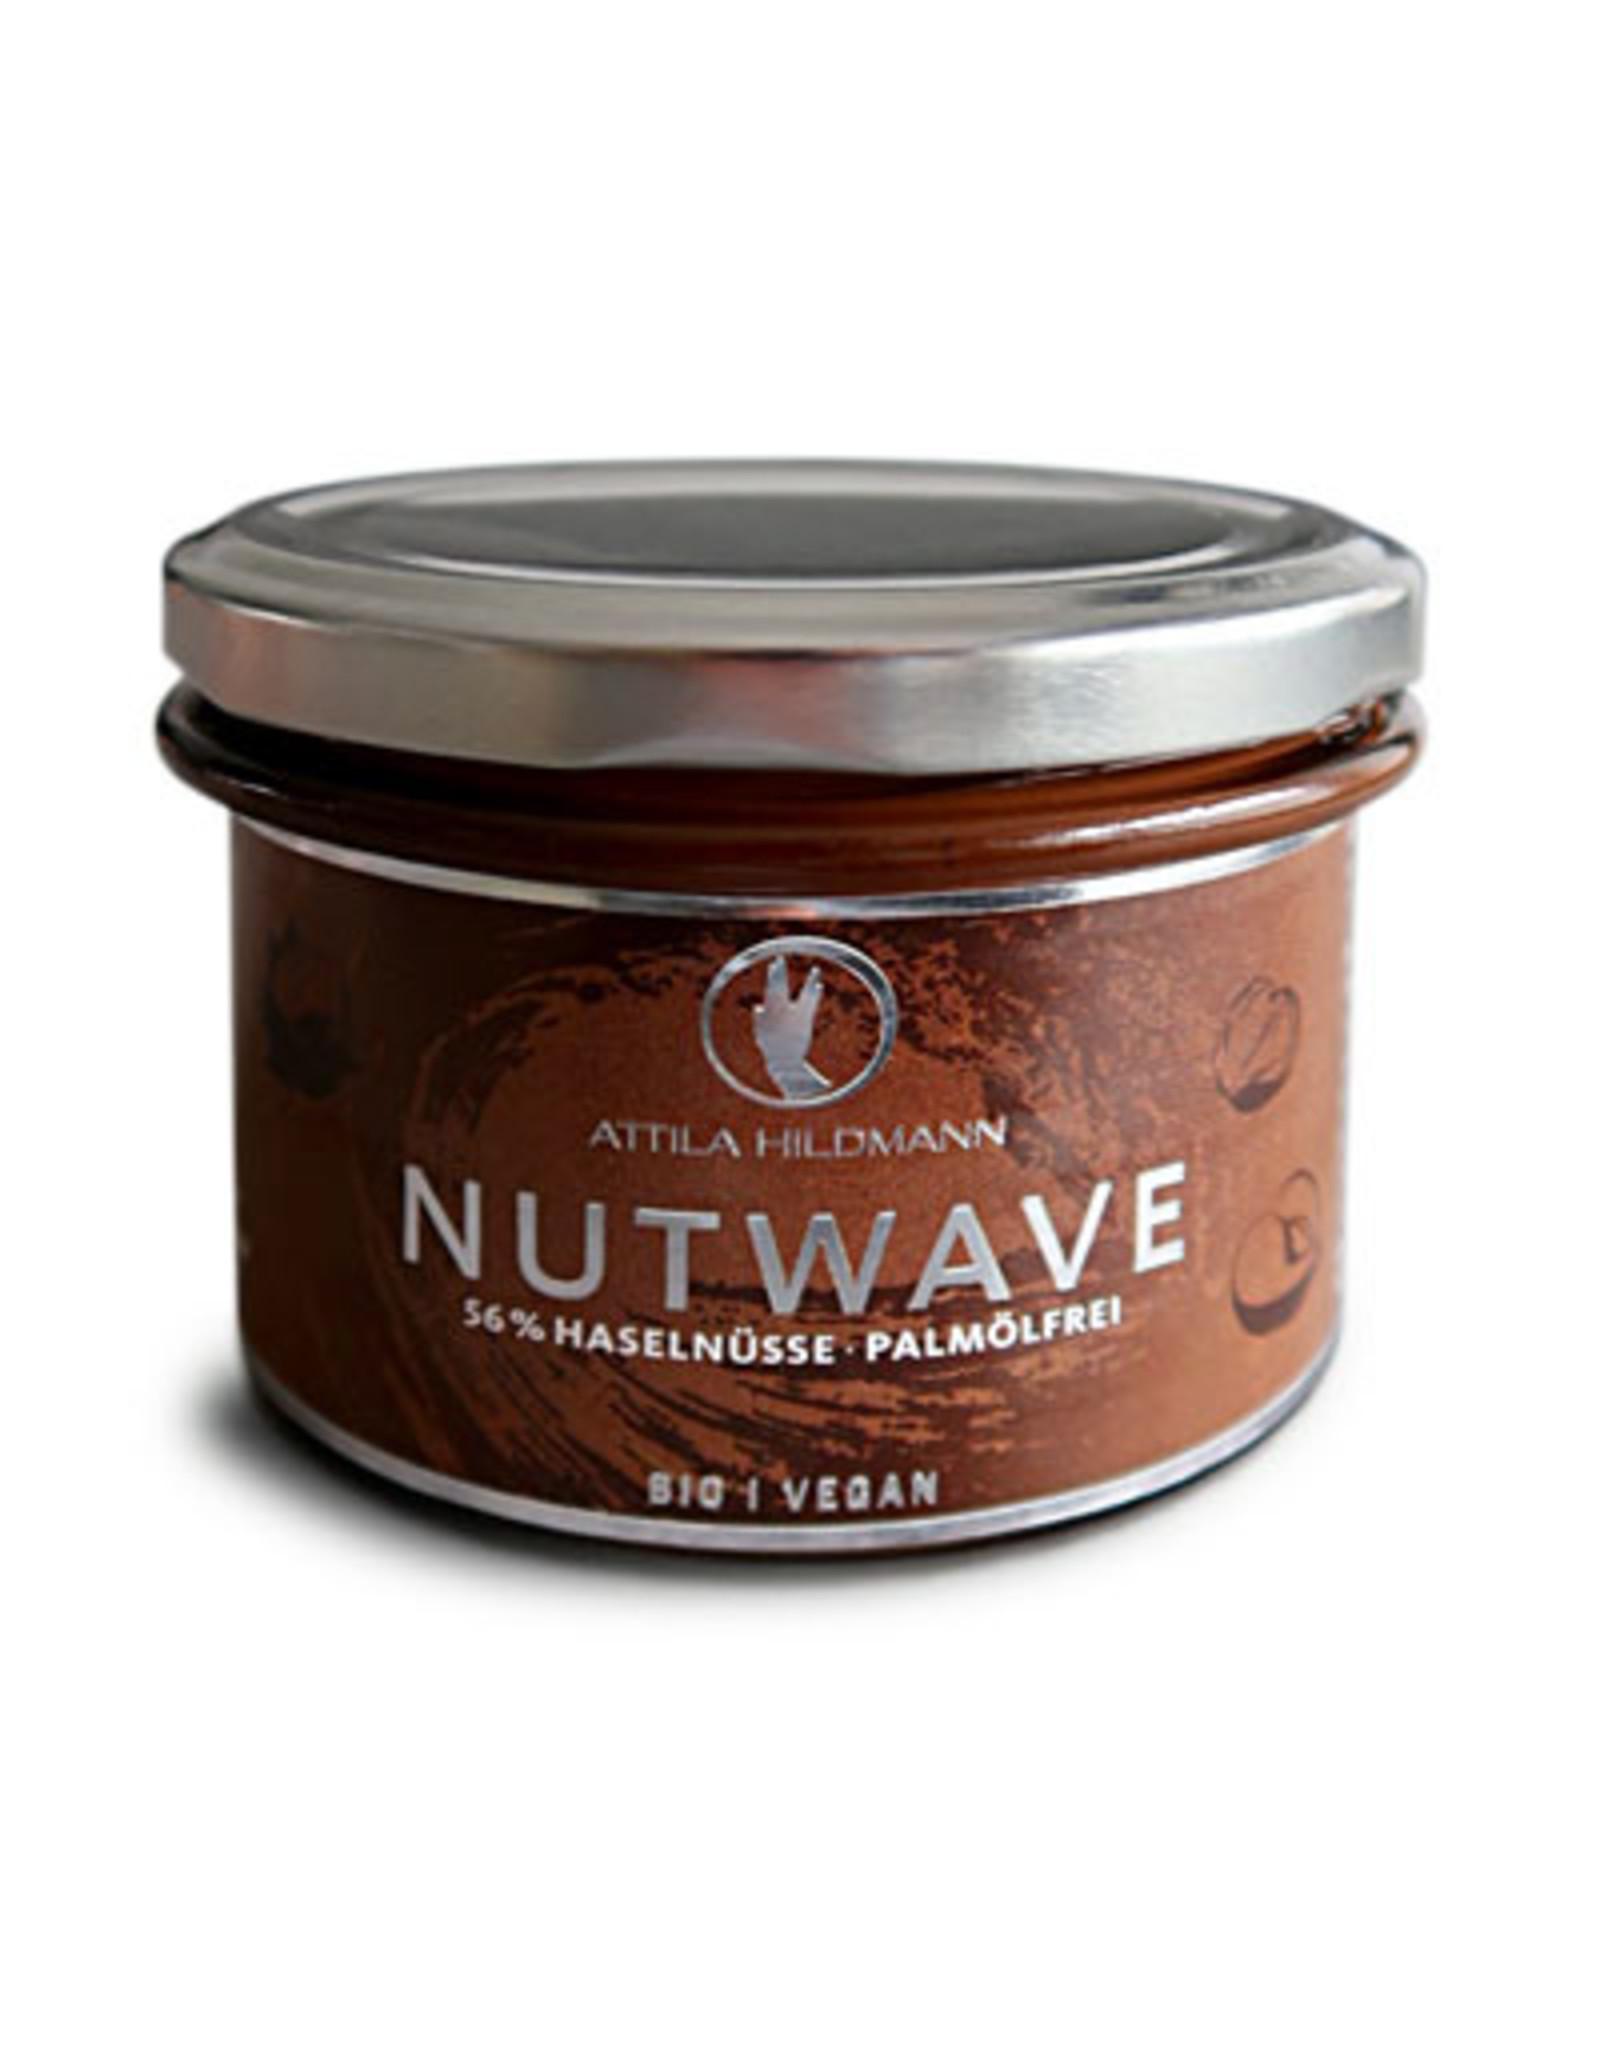 ATTILA HILDMANN NUTWAVE® – 220g (bio, vegan)